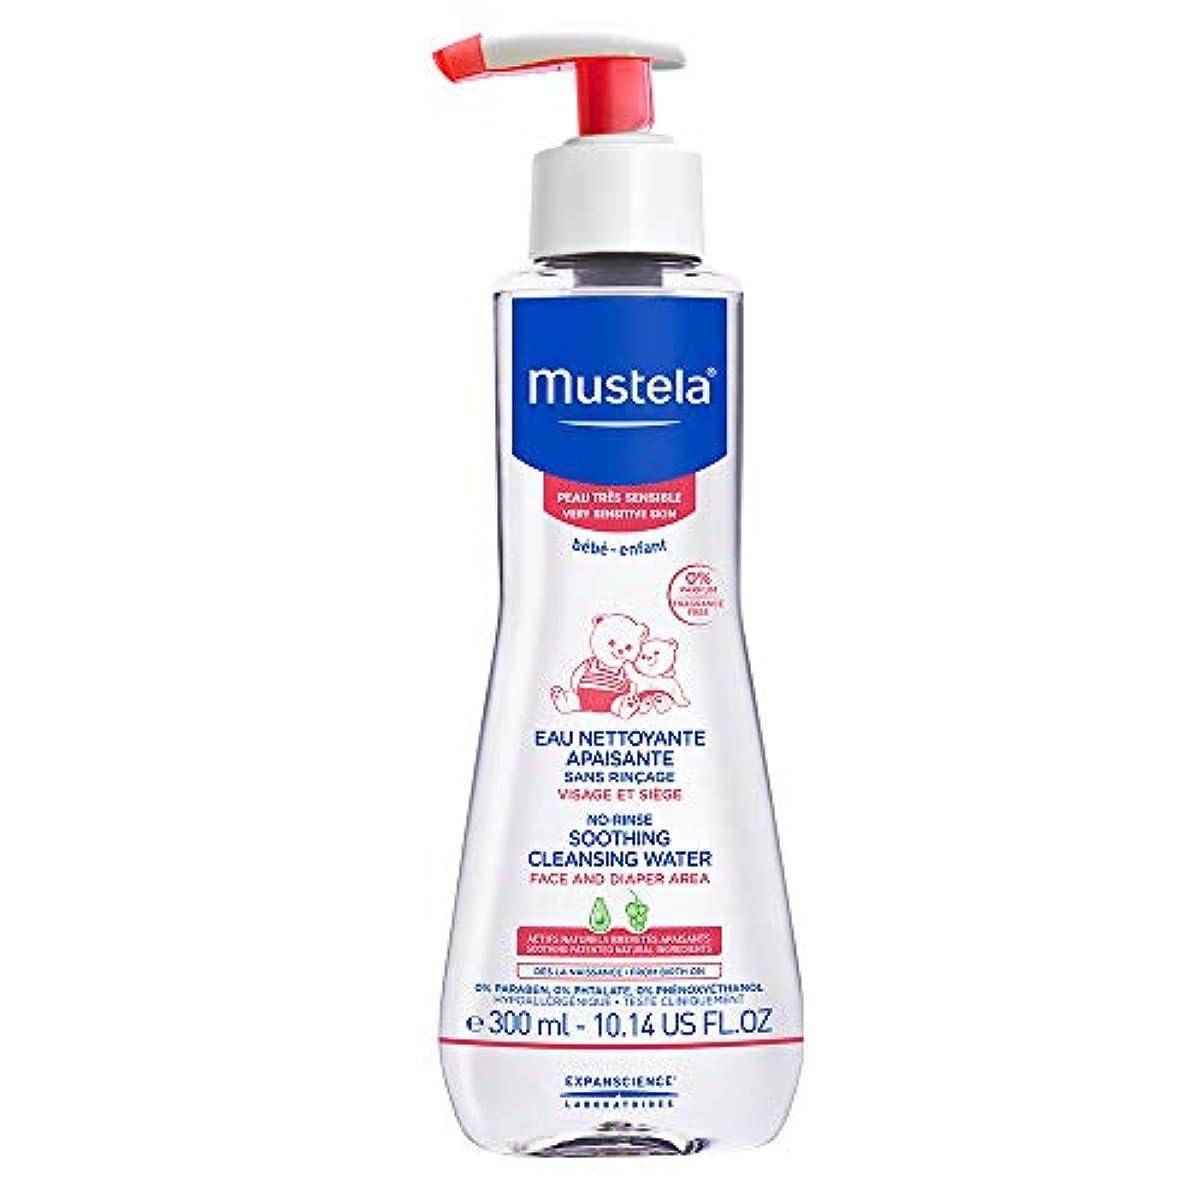 脱獄仕事に行くカッタームステラ No Rinse Soothing Cleansing Water (Face & Diaper Area) - For Very Sensitive Skin 300ml/10.14oz並行輸入品